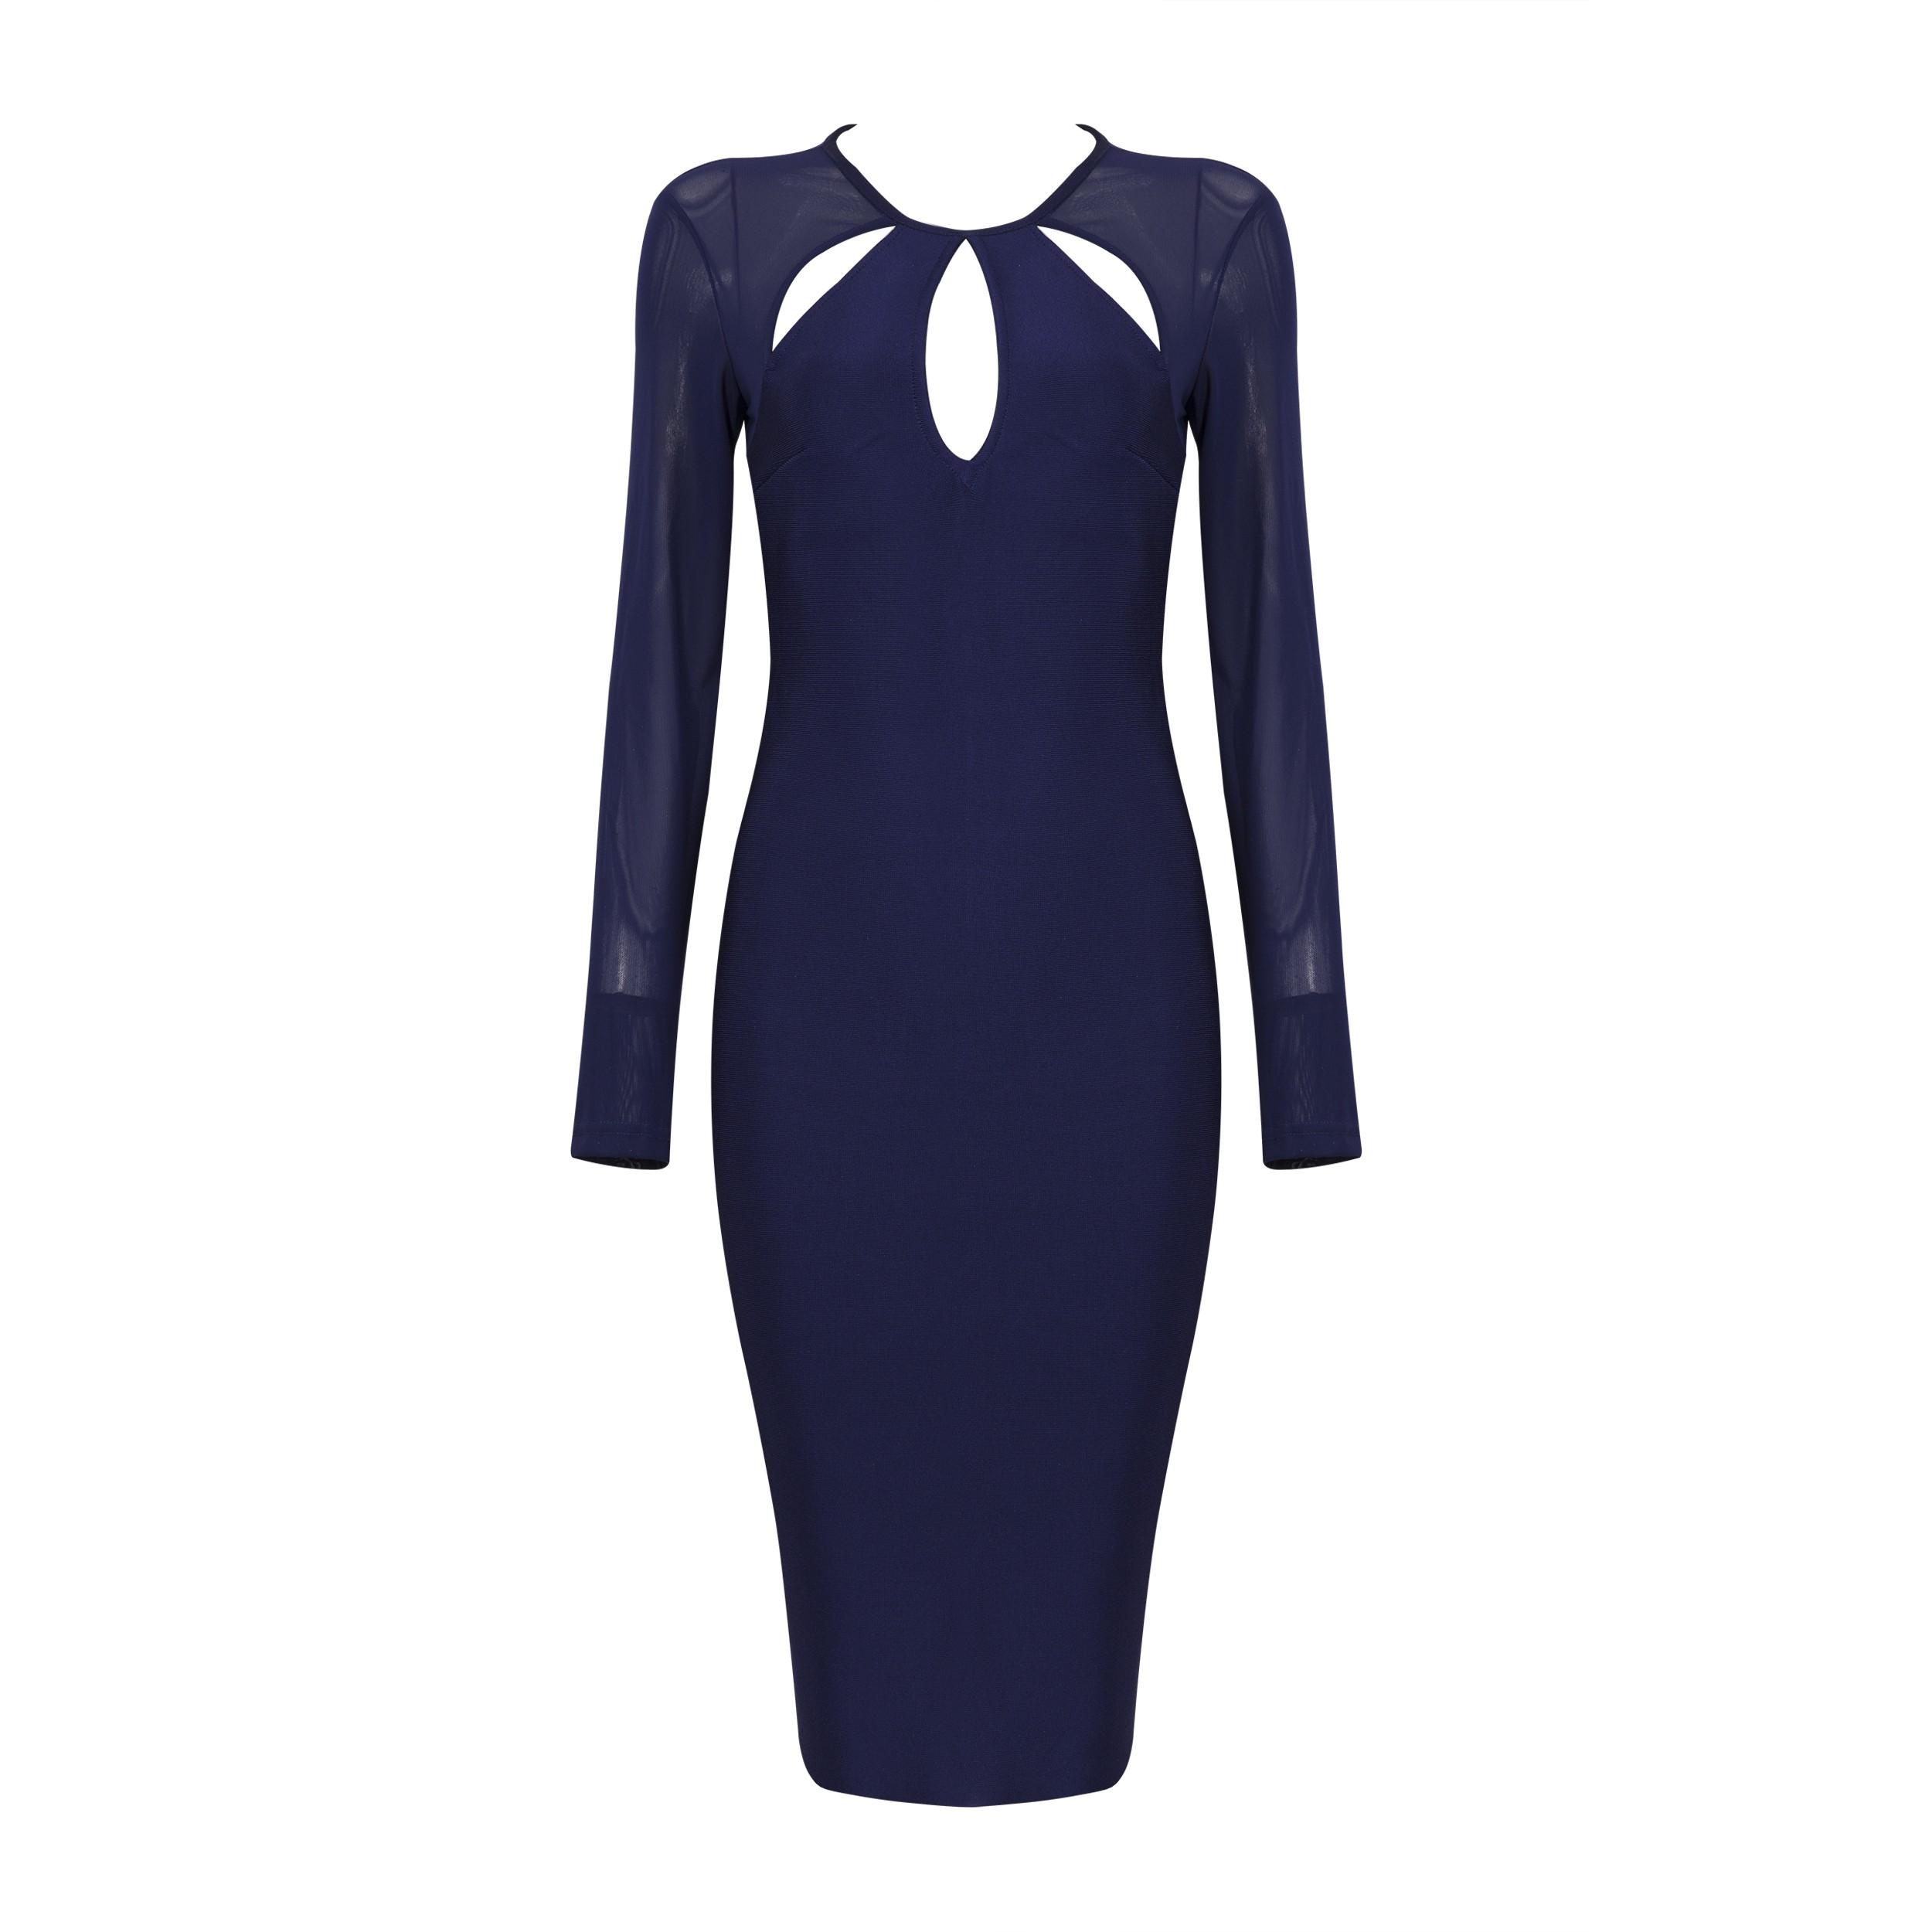 Blue Round Neck Long Sleeve Over Knee Meshed Plain Wholesale Bandage Dress HB5201-Blue